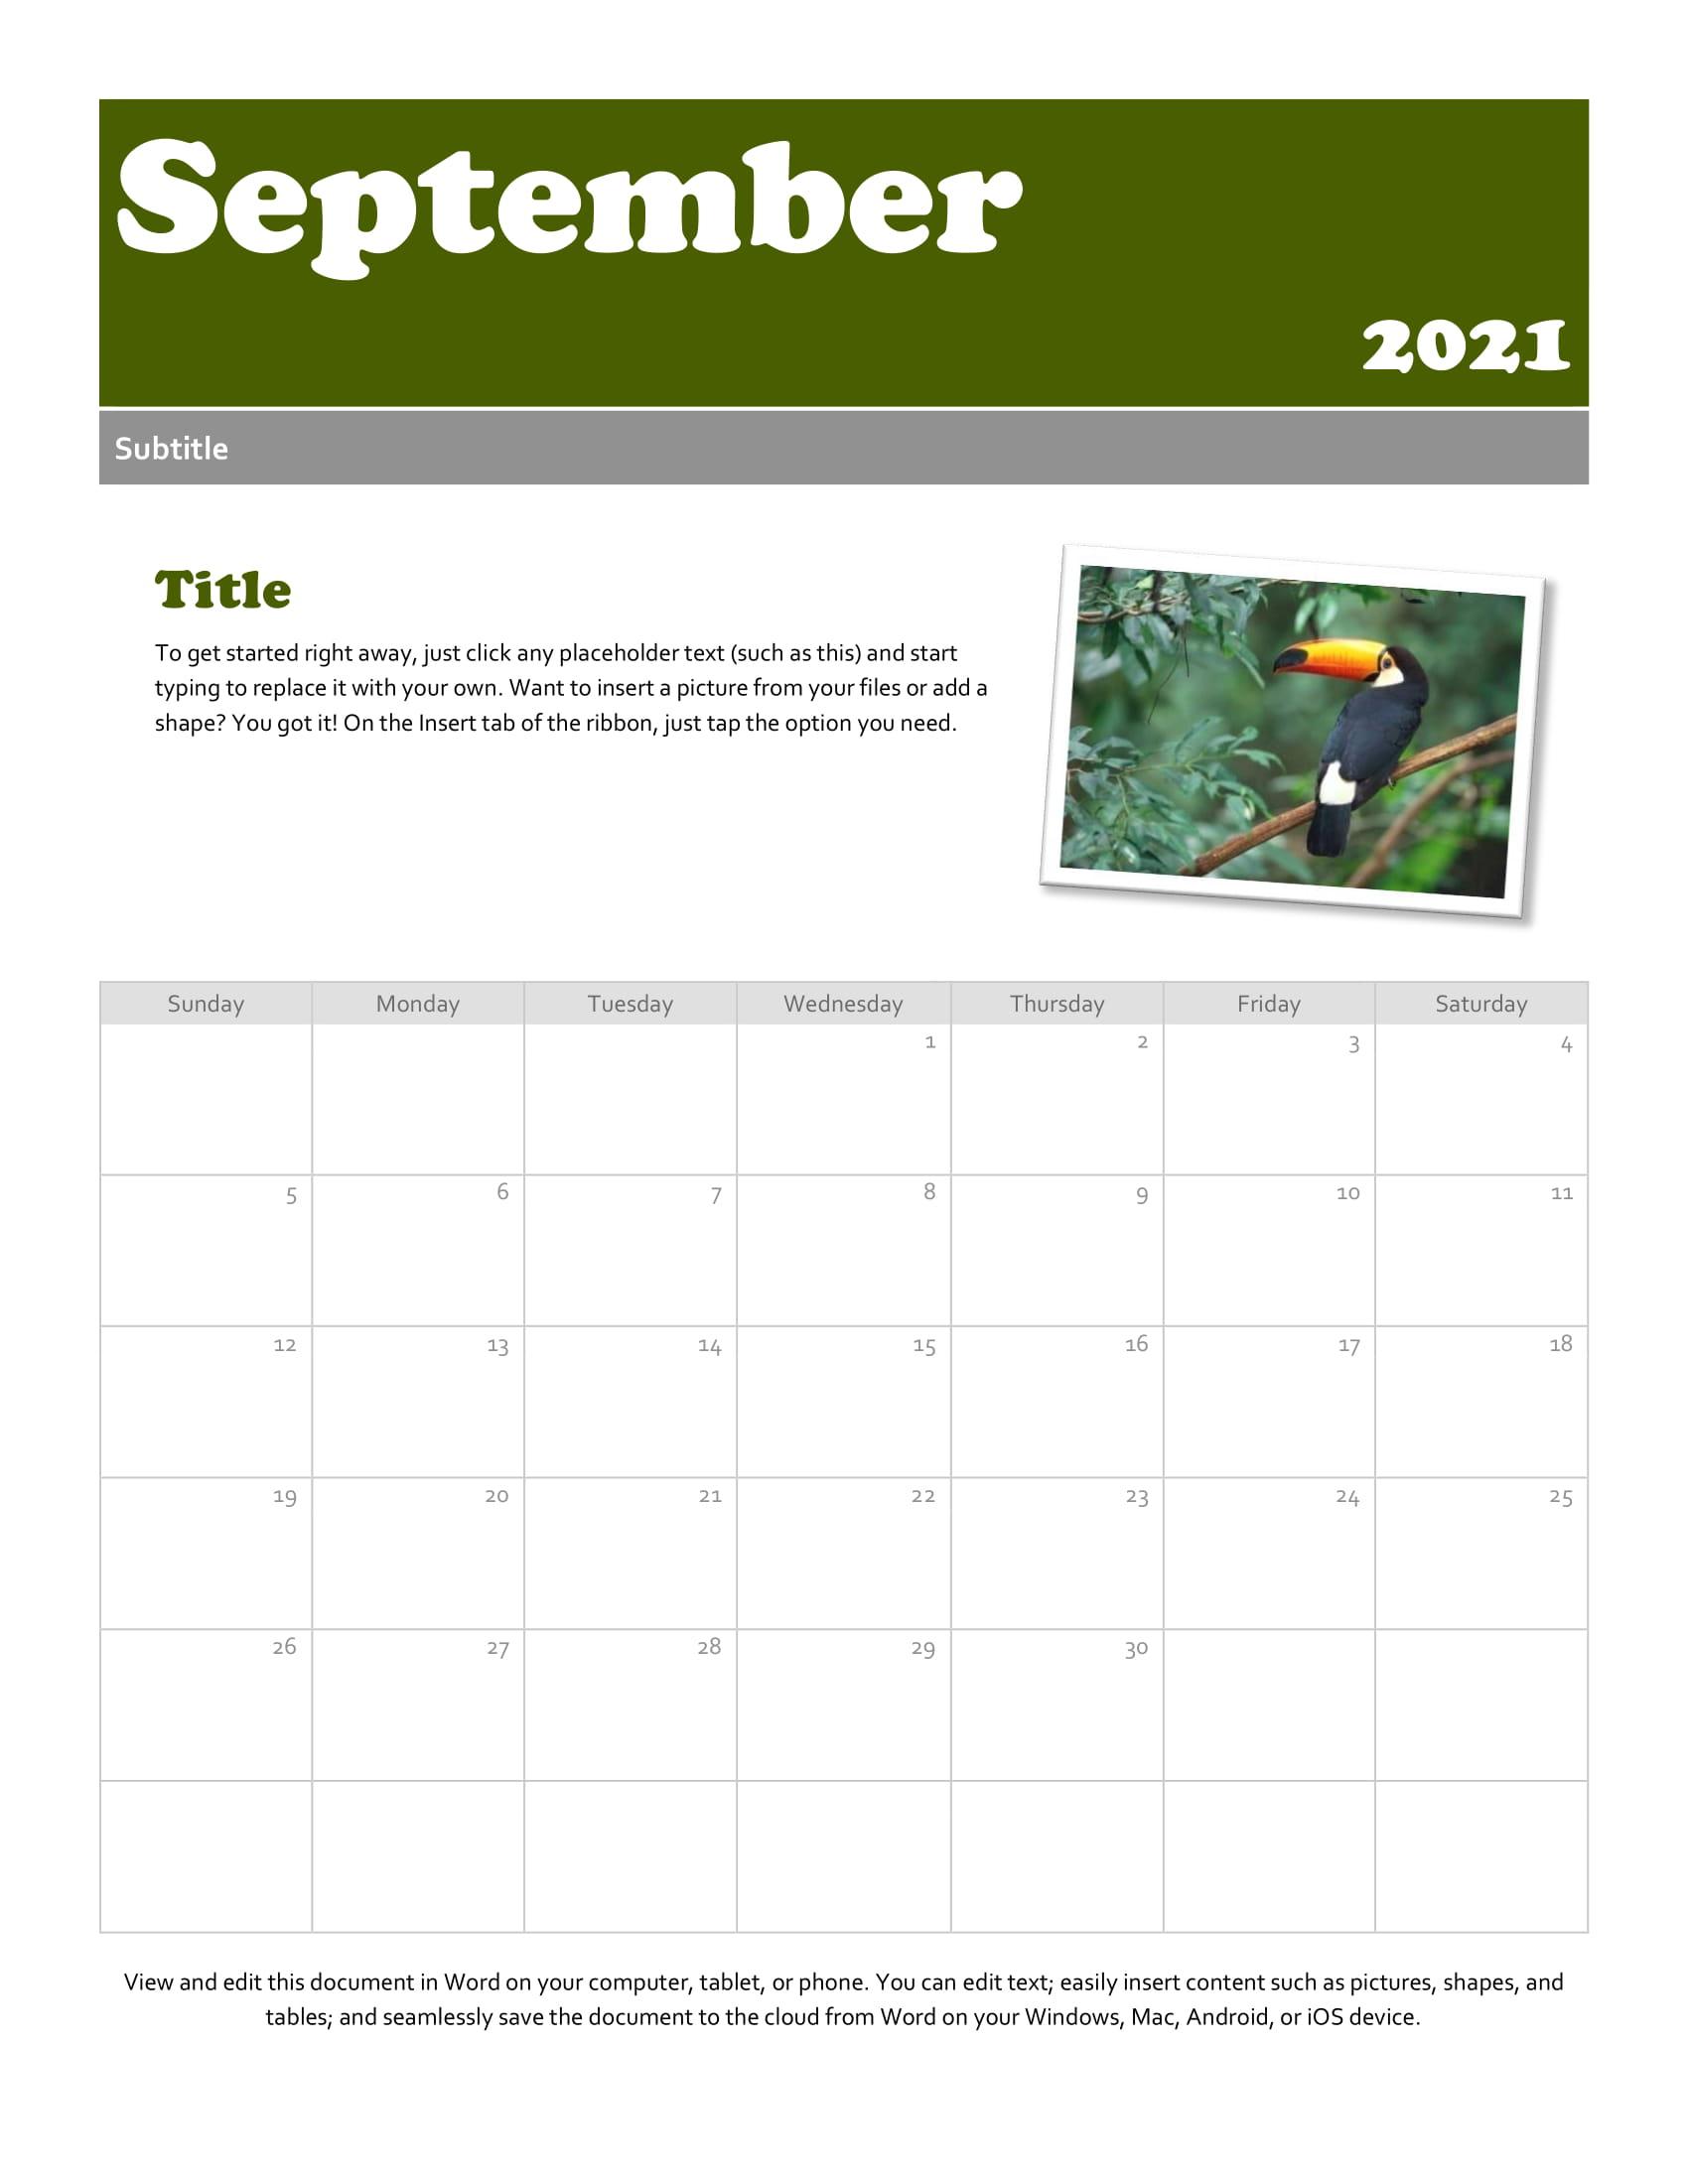 Print A Calendar For September 2021 - Printable Calendar